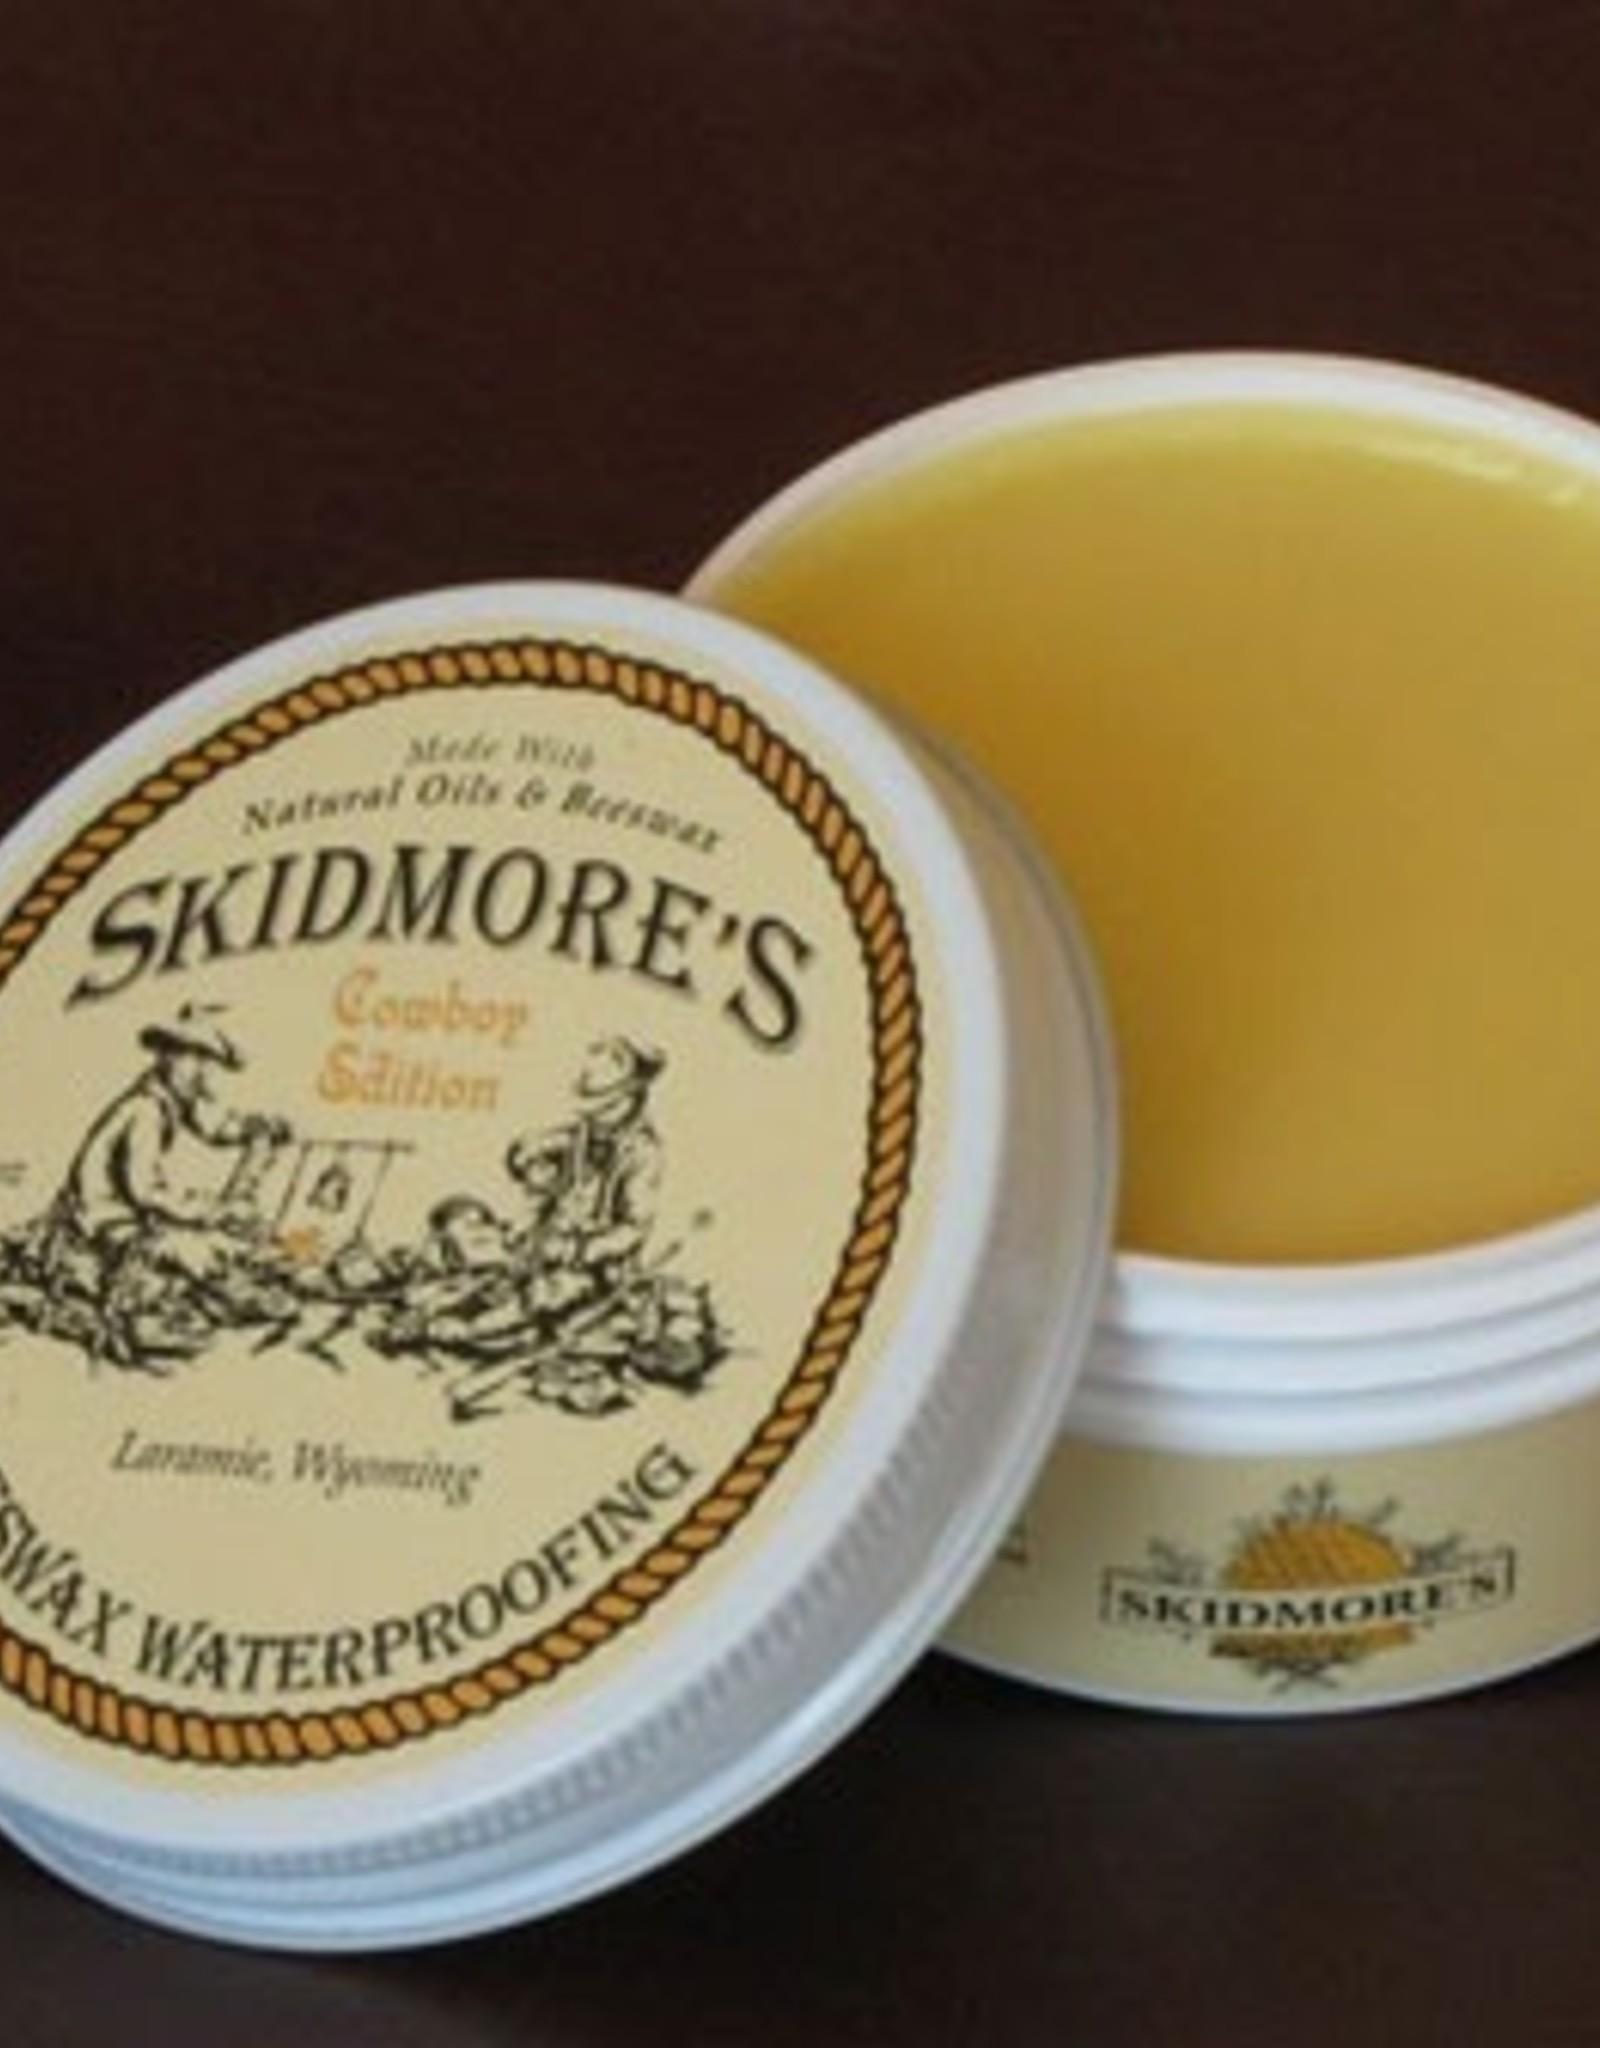 Skidmore's Skidmore's Leather Cream - 6oz